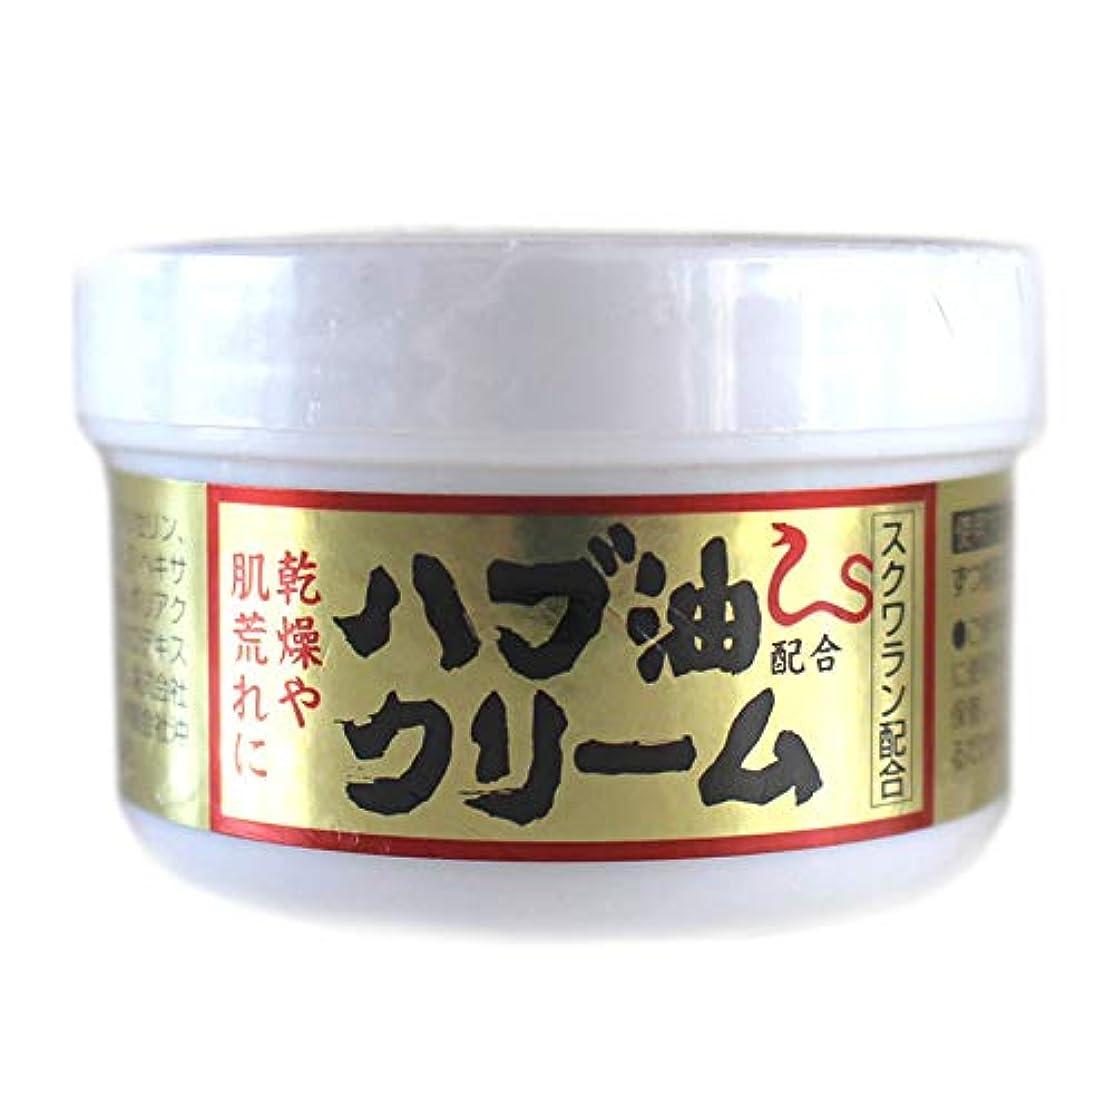 浸漬好色な葬儀ハブ油配合クリーム 3個【1個?50g】